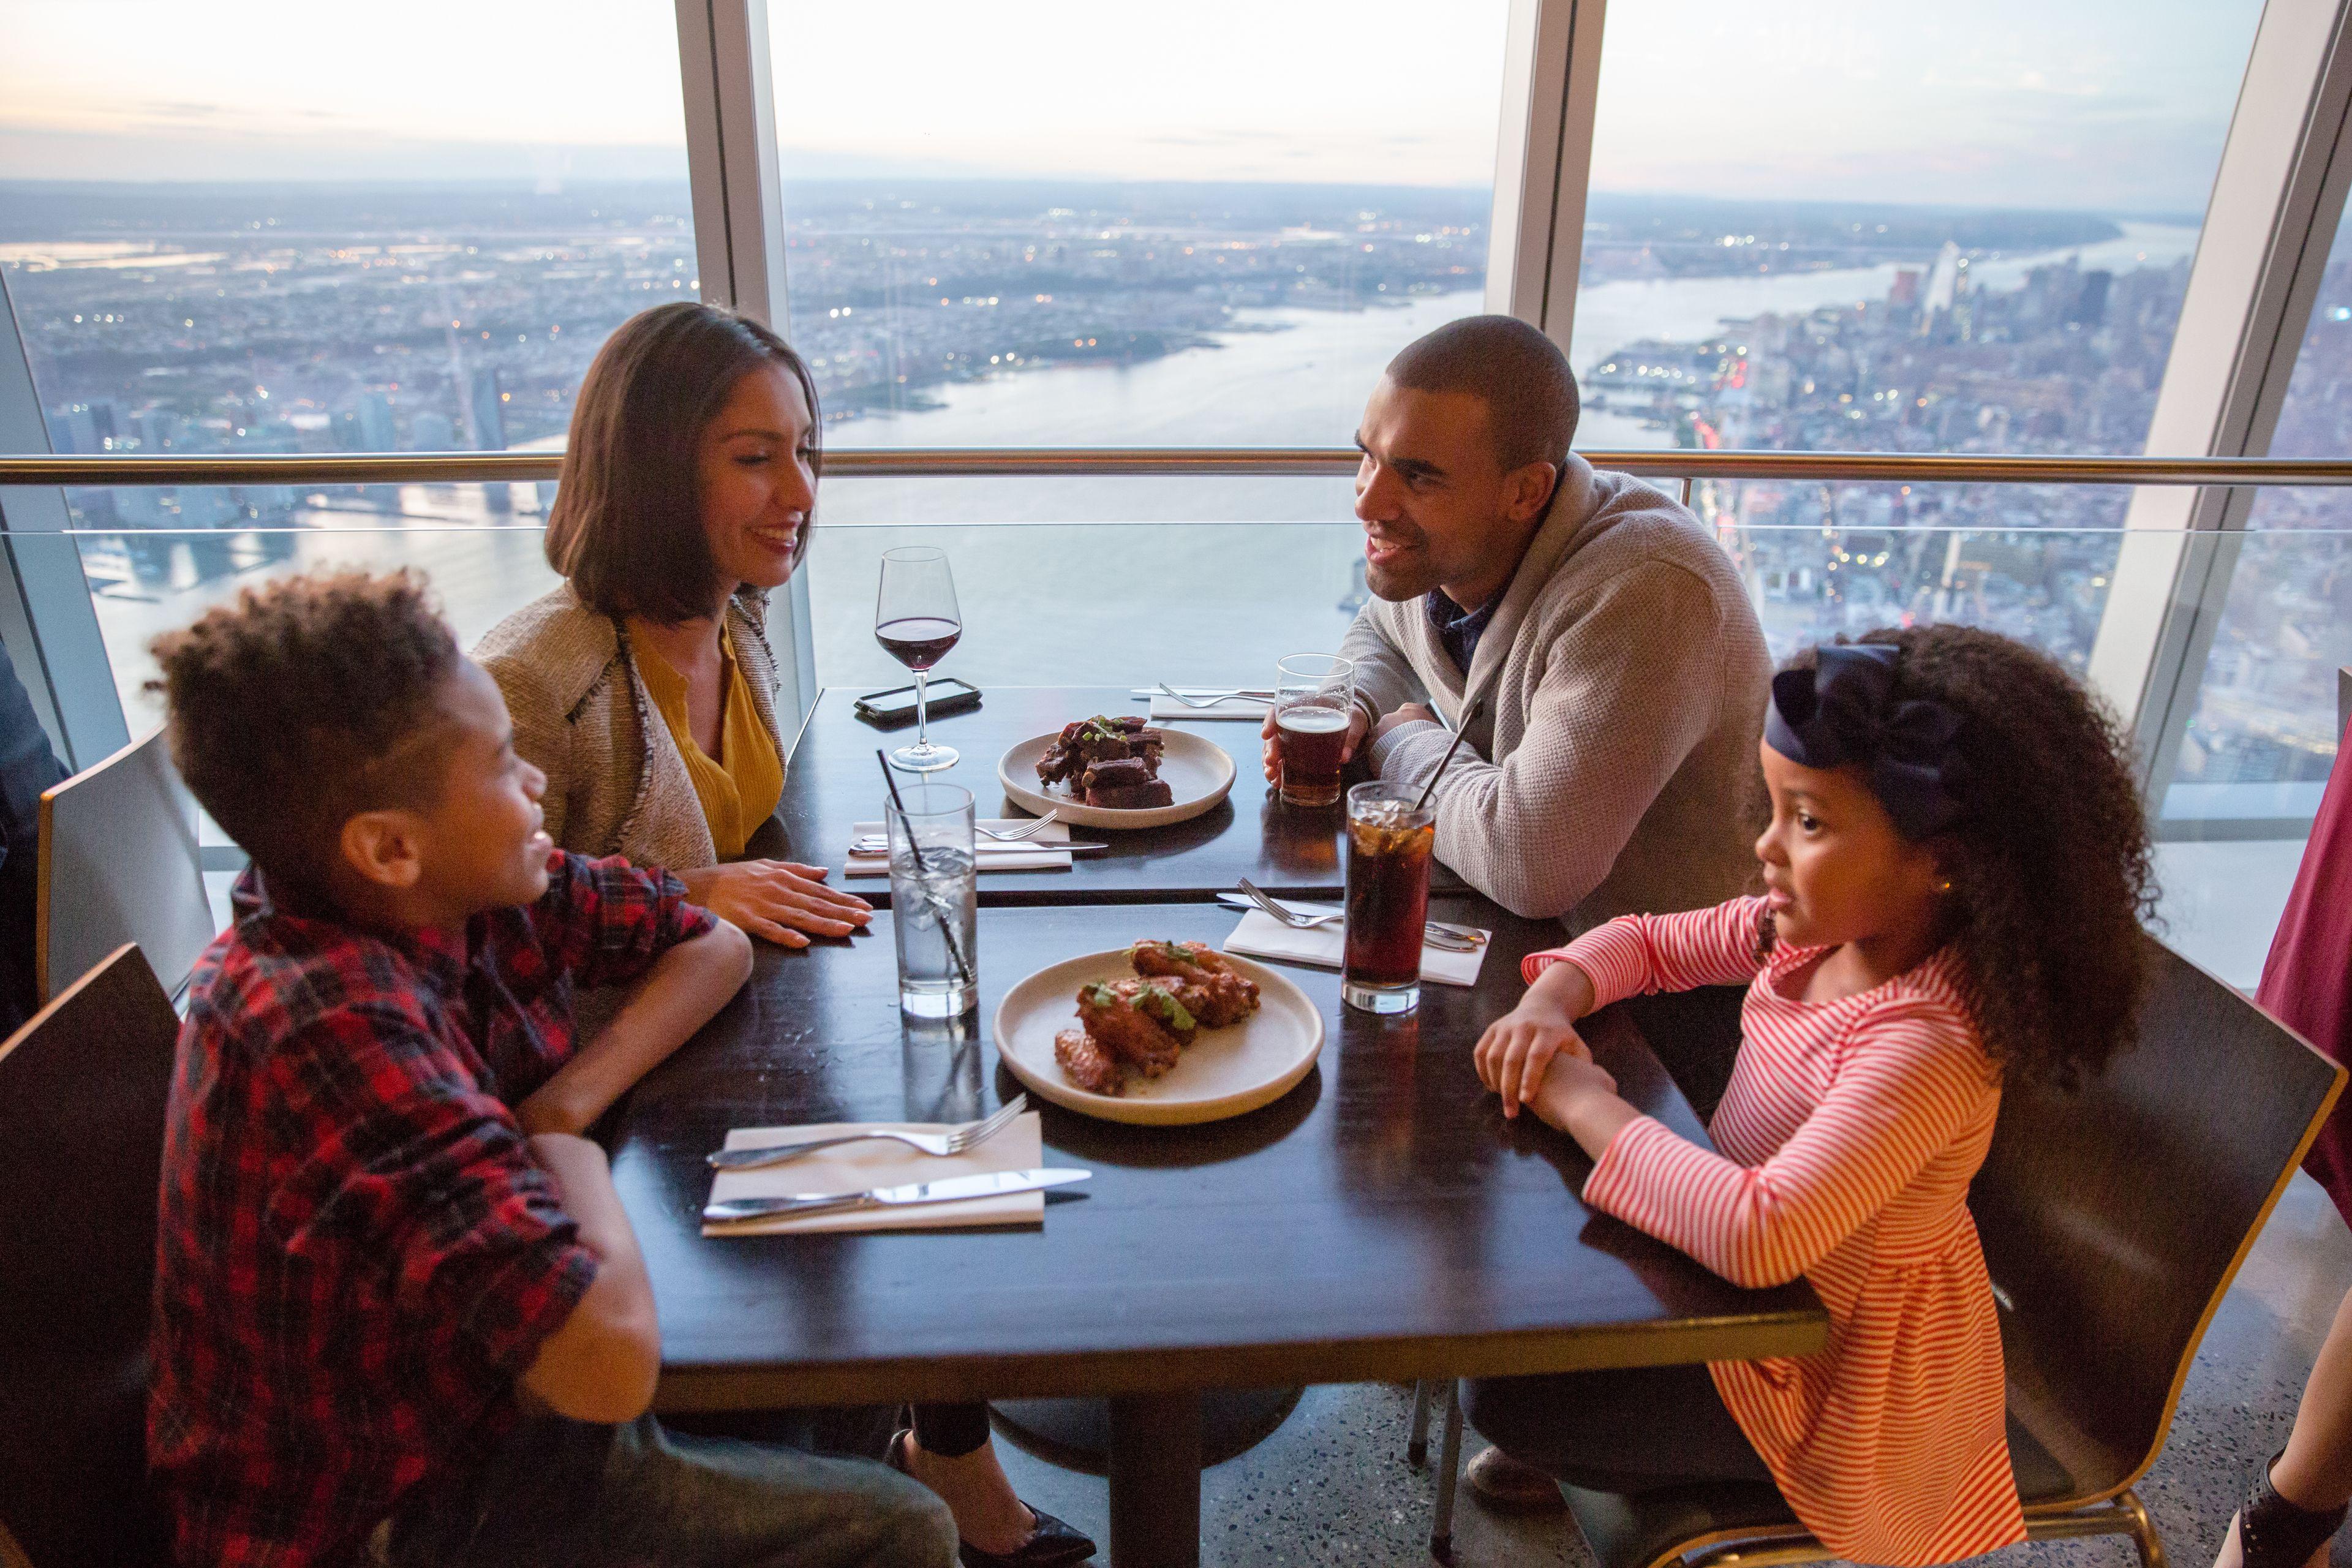 Family enjoying dinner at One World Observatory in New York